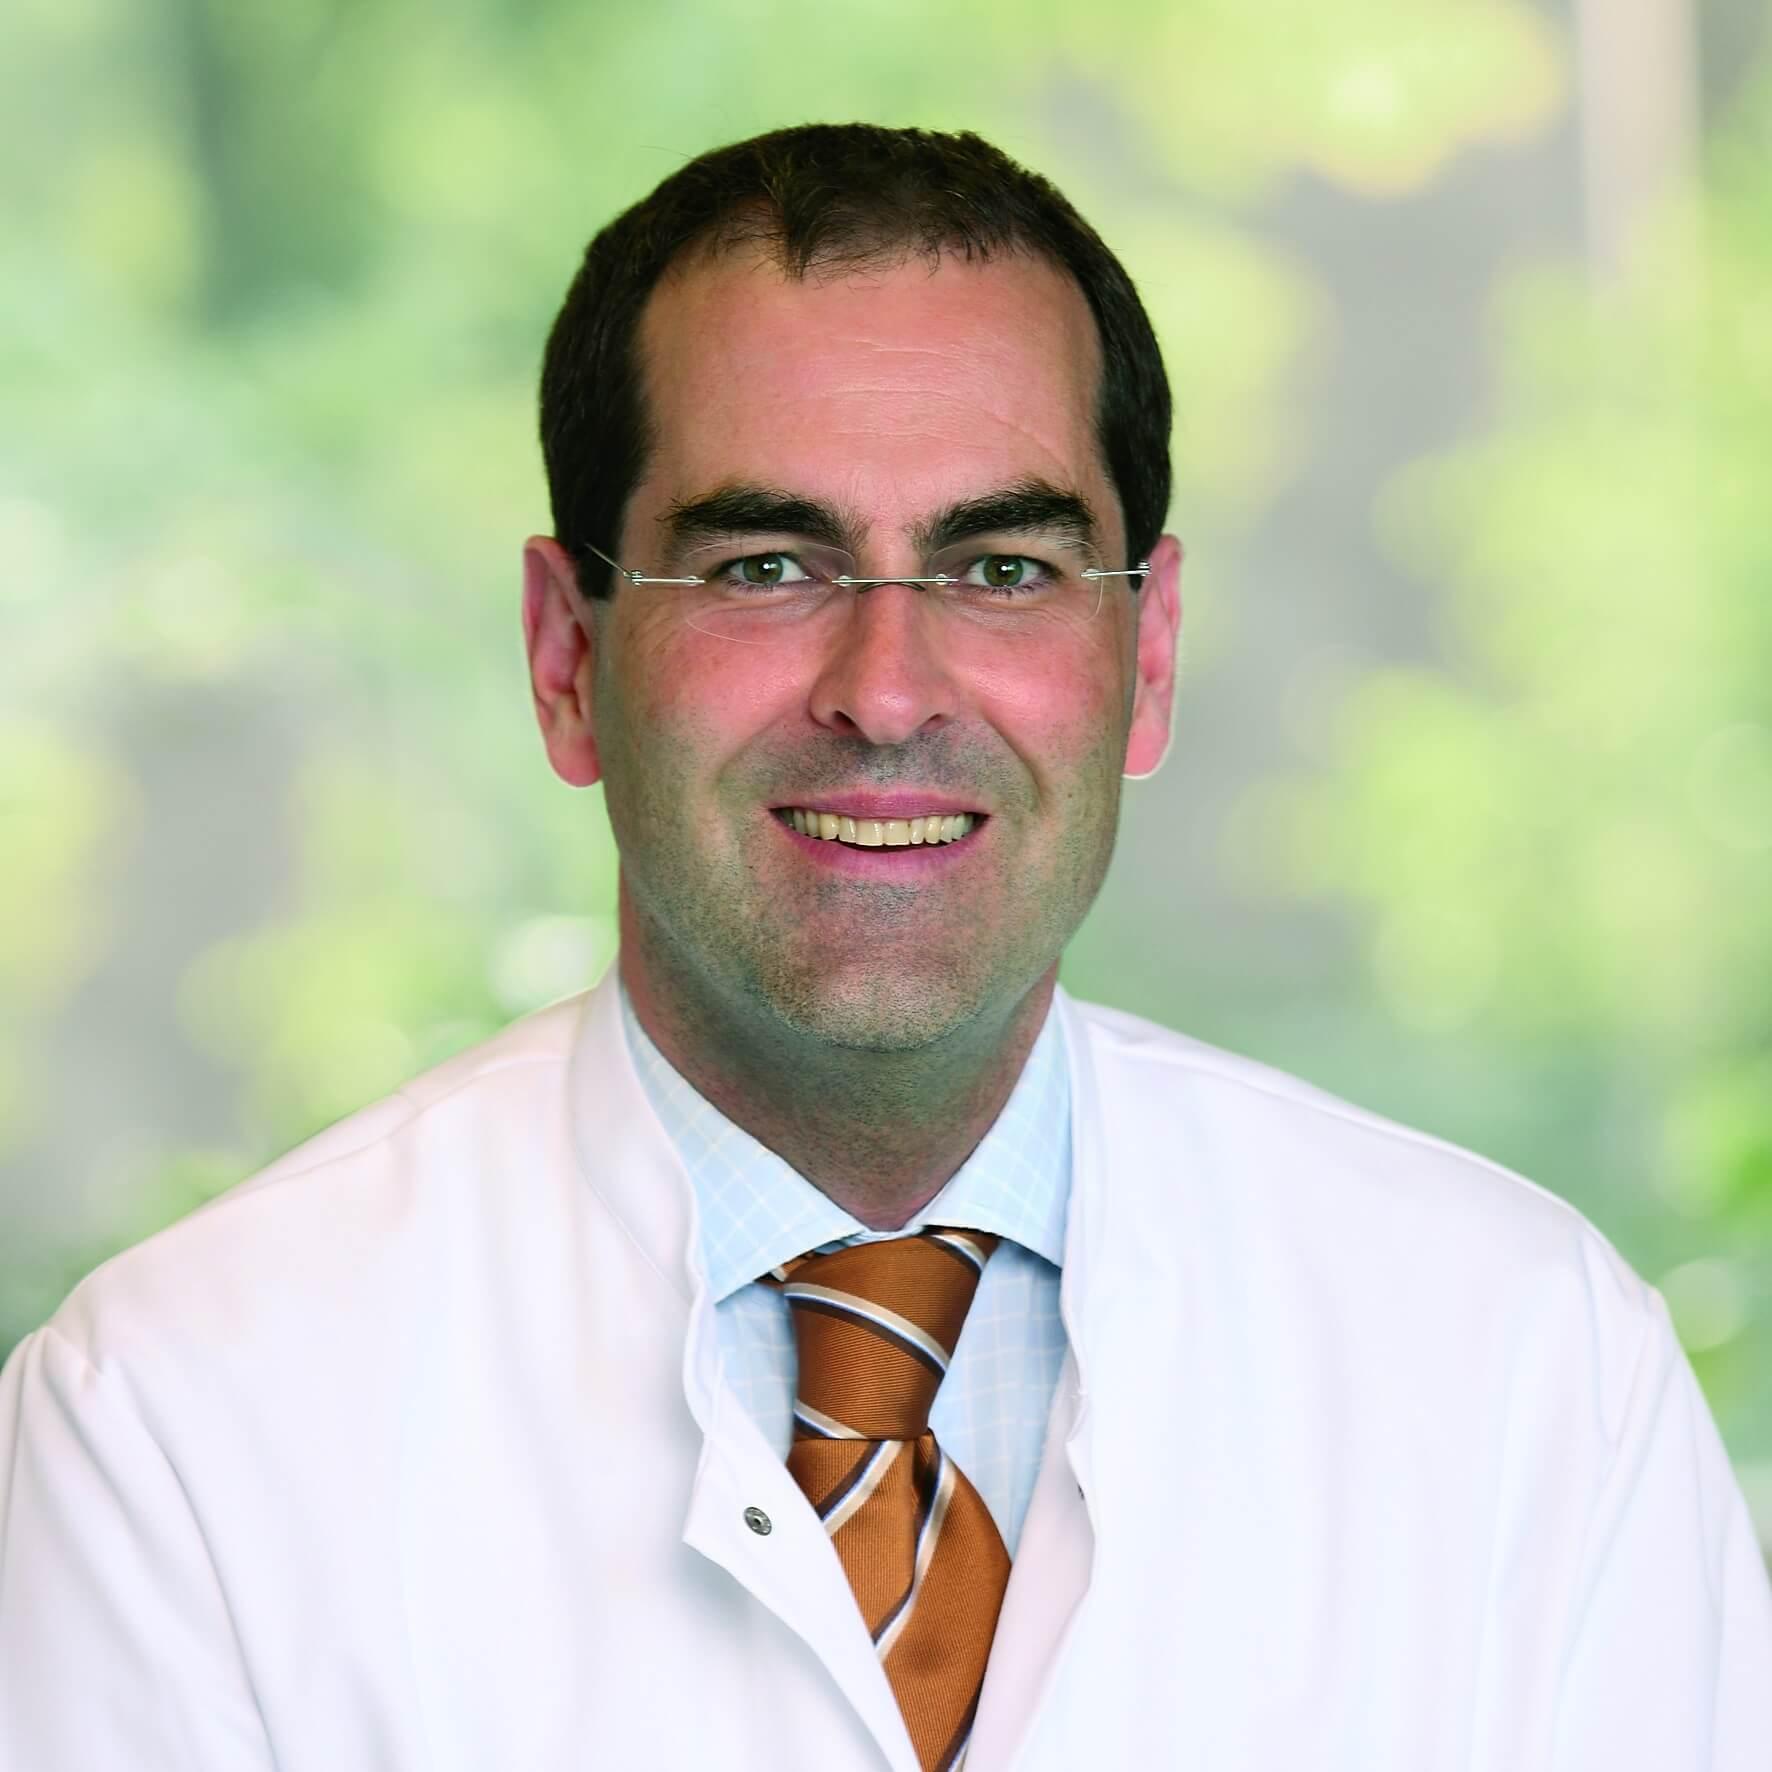 Dr. Kai Mehlhase, Chefarzt der Klinik für Gefäßchirurgie und Gefäßmedizin in der HELIOS Klinik Rottweil (c) HELIOS Kliniken